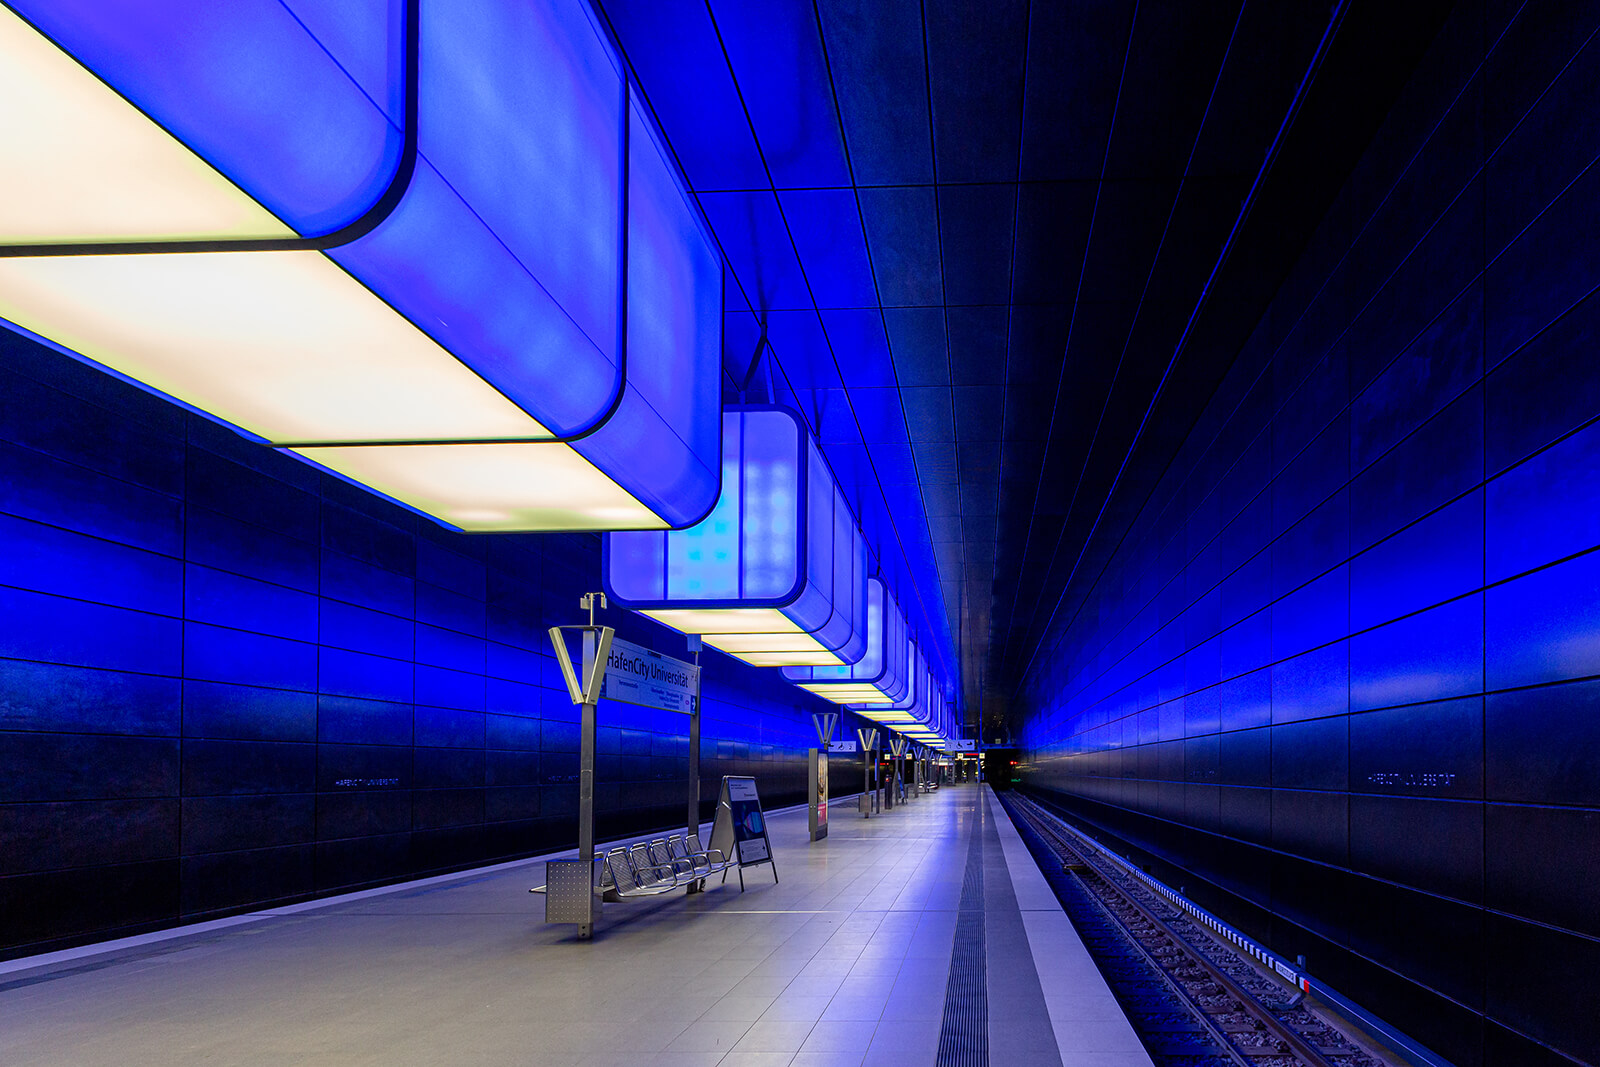 U-Bahnstation Hafencity Universität. Fotografiert für ein freies Projekt des Fotografen Florian Läufer